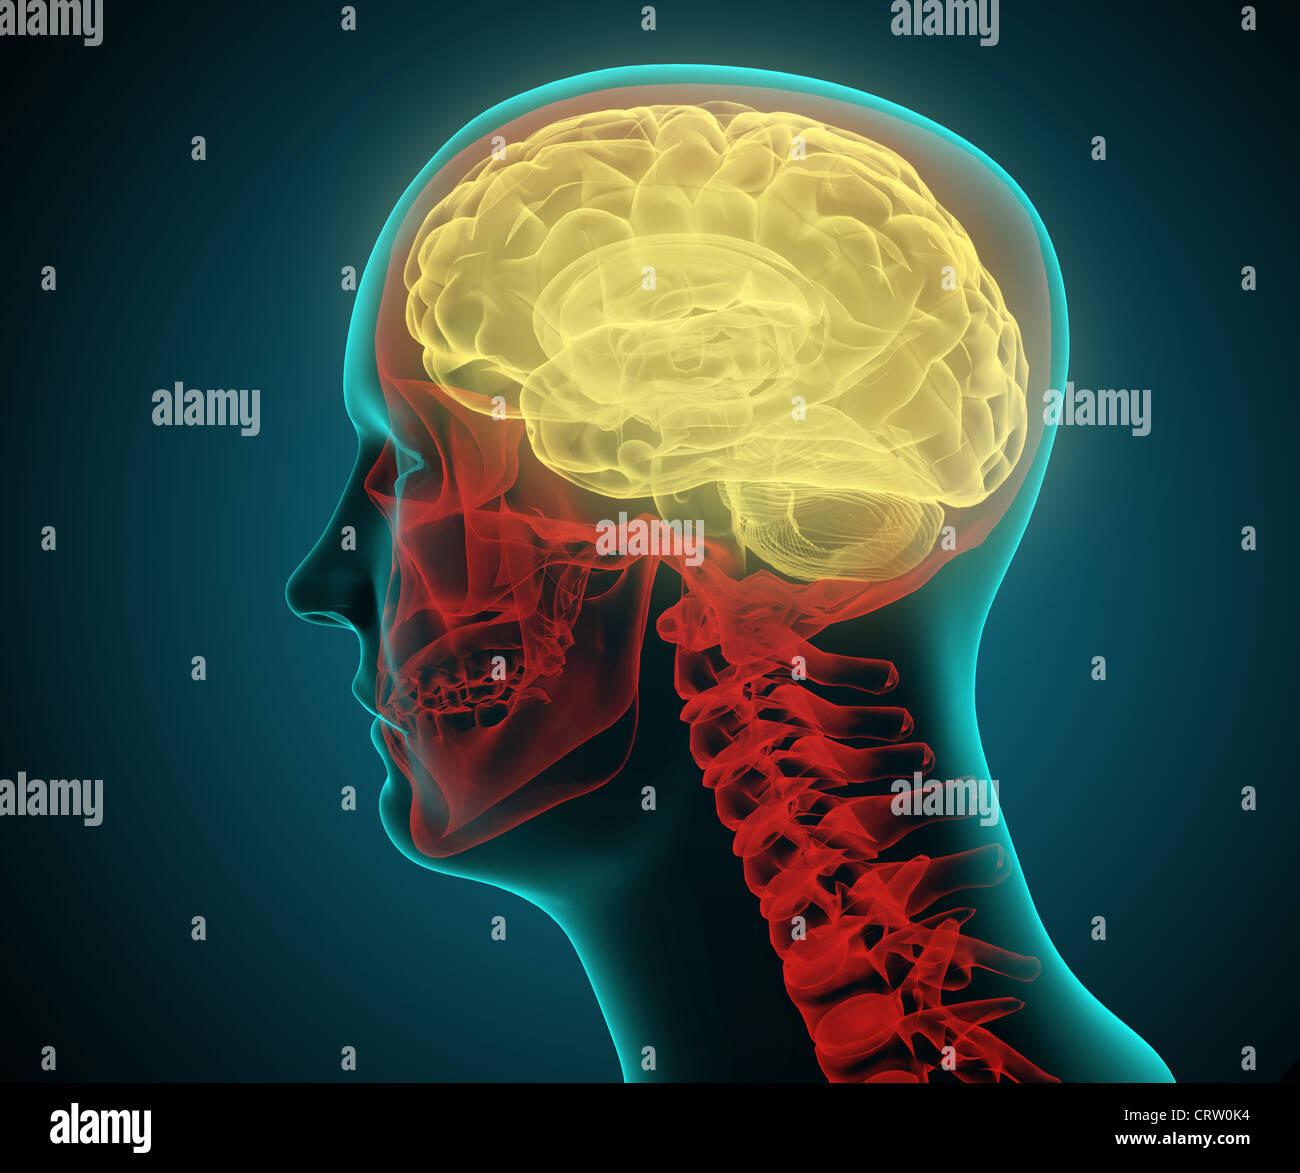 Ilustración médica estilizada de una cabeza humand Imagen De Stock